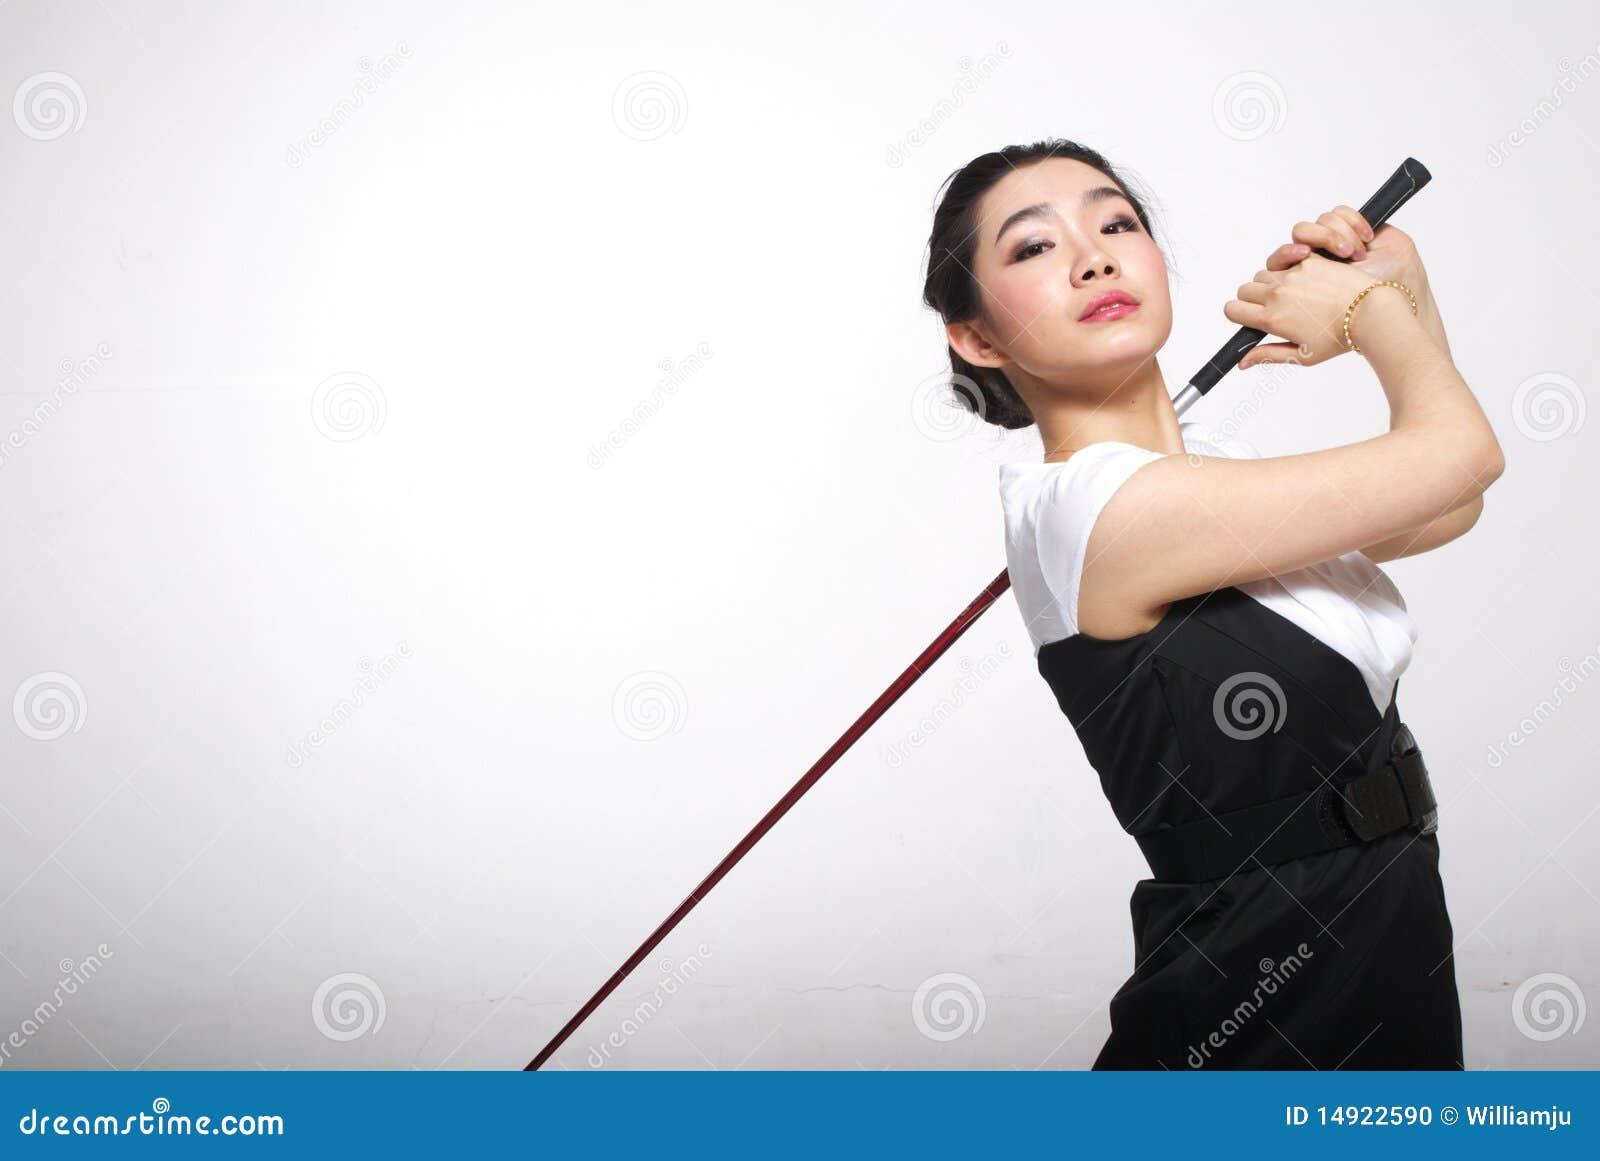 Asiatisches Frauengolf spielen